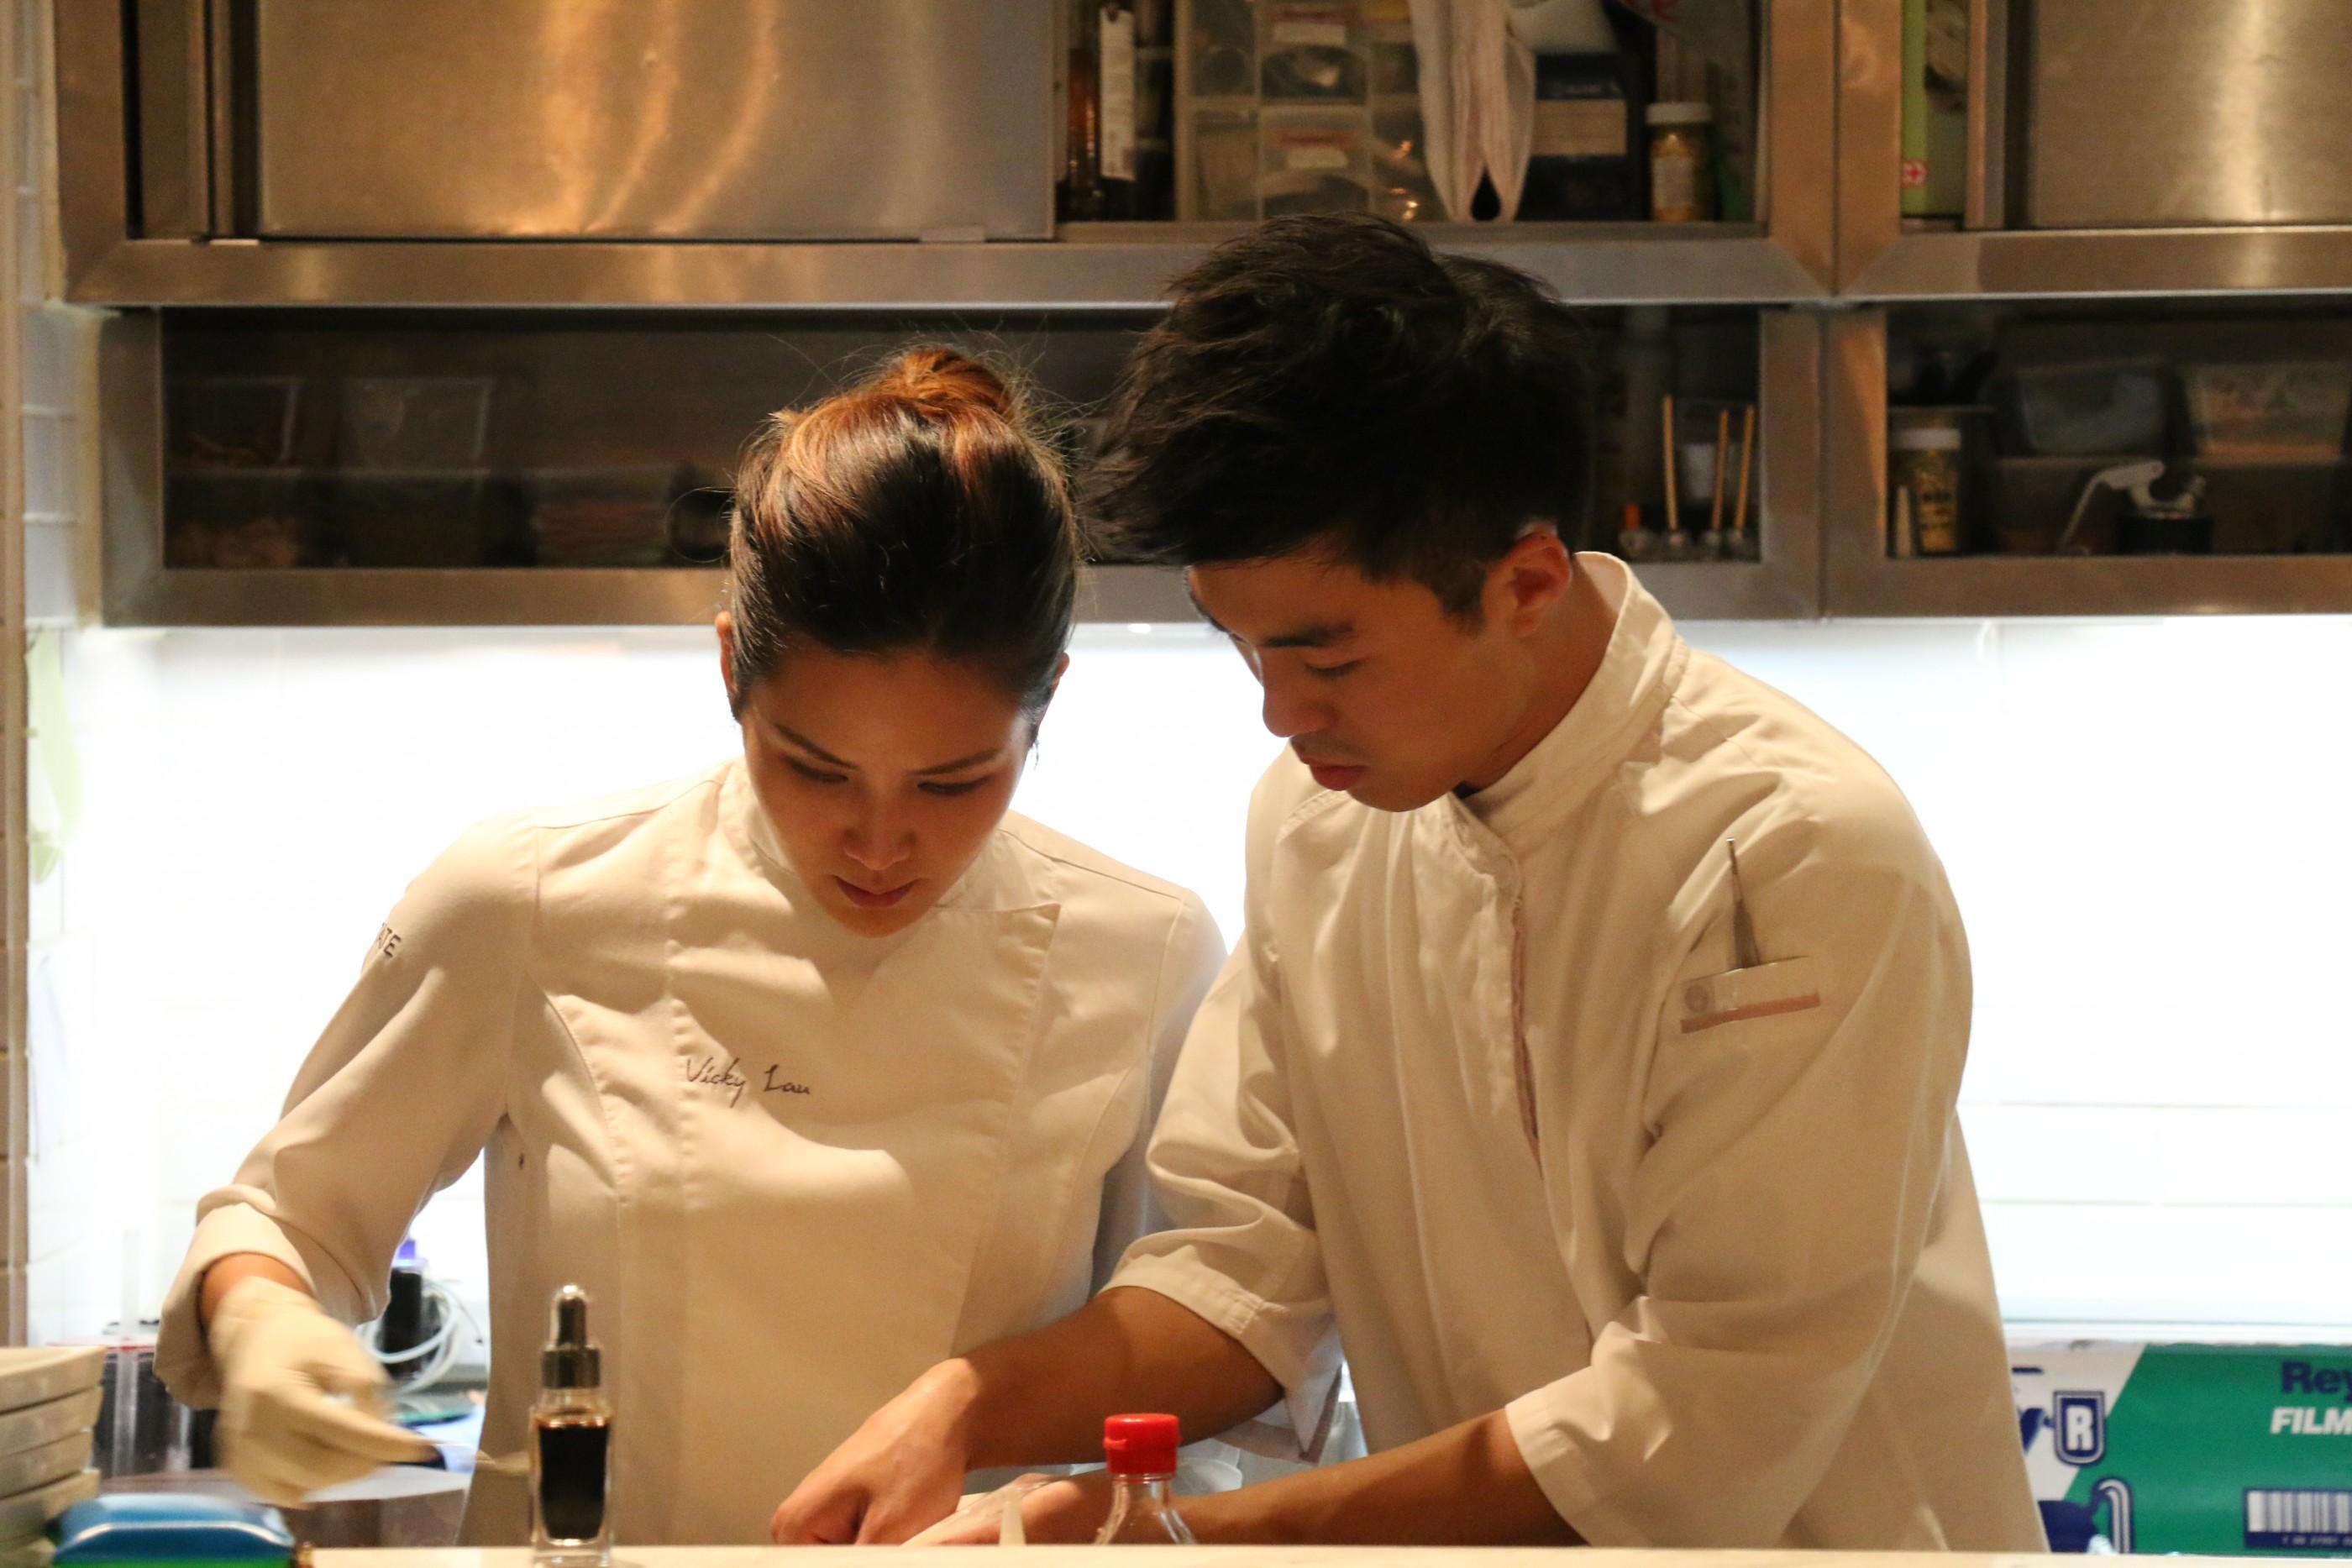 Chef Vicky Lau Wan-ki